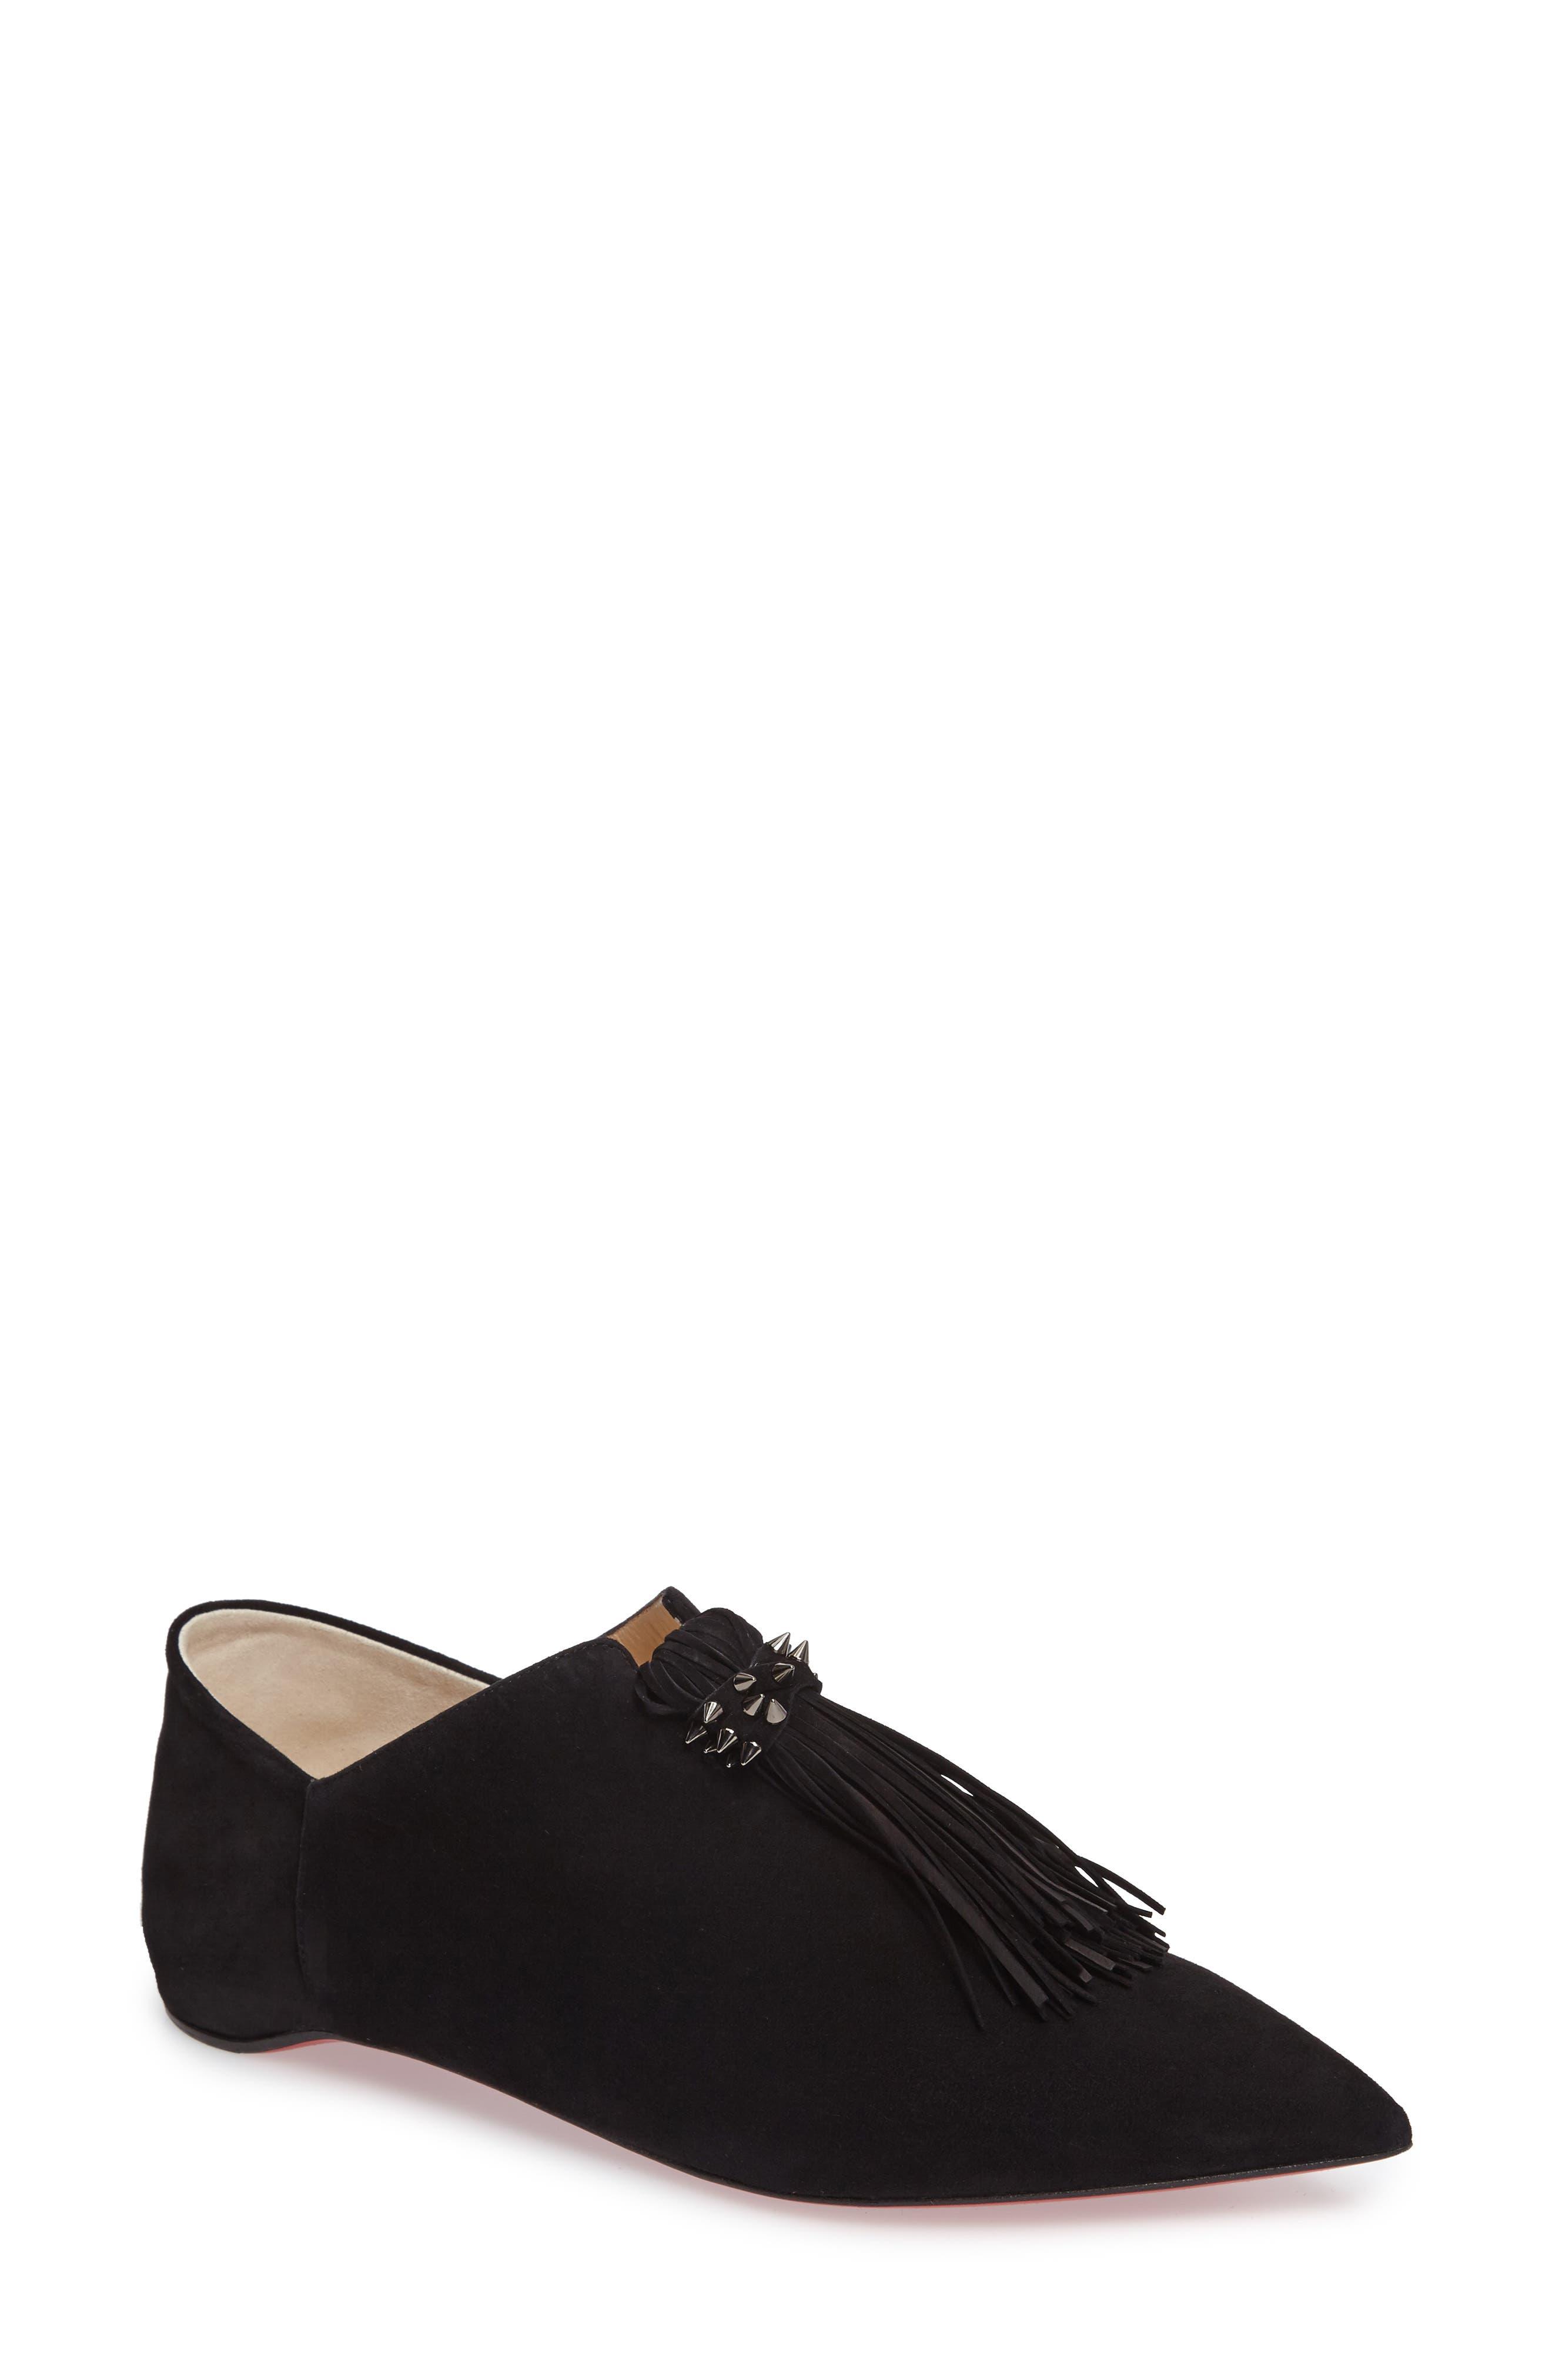 Medinana Convertible Loafer, Main, color, 001